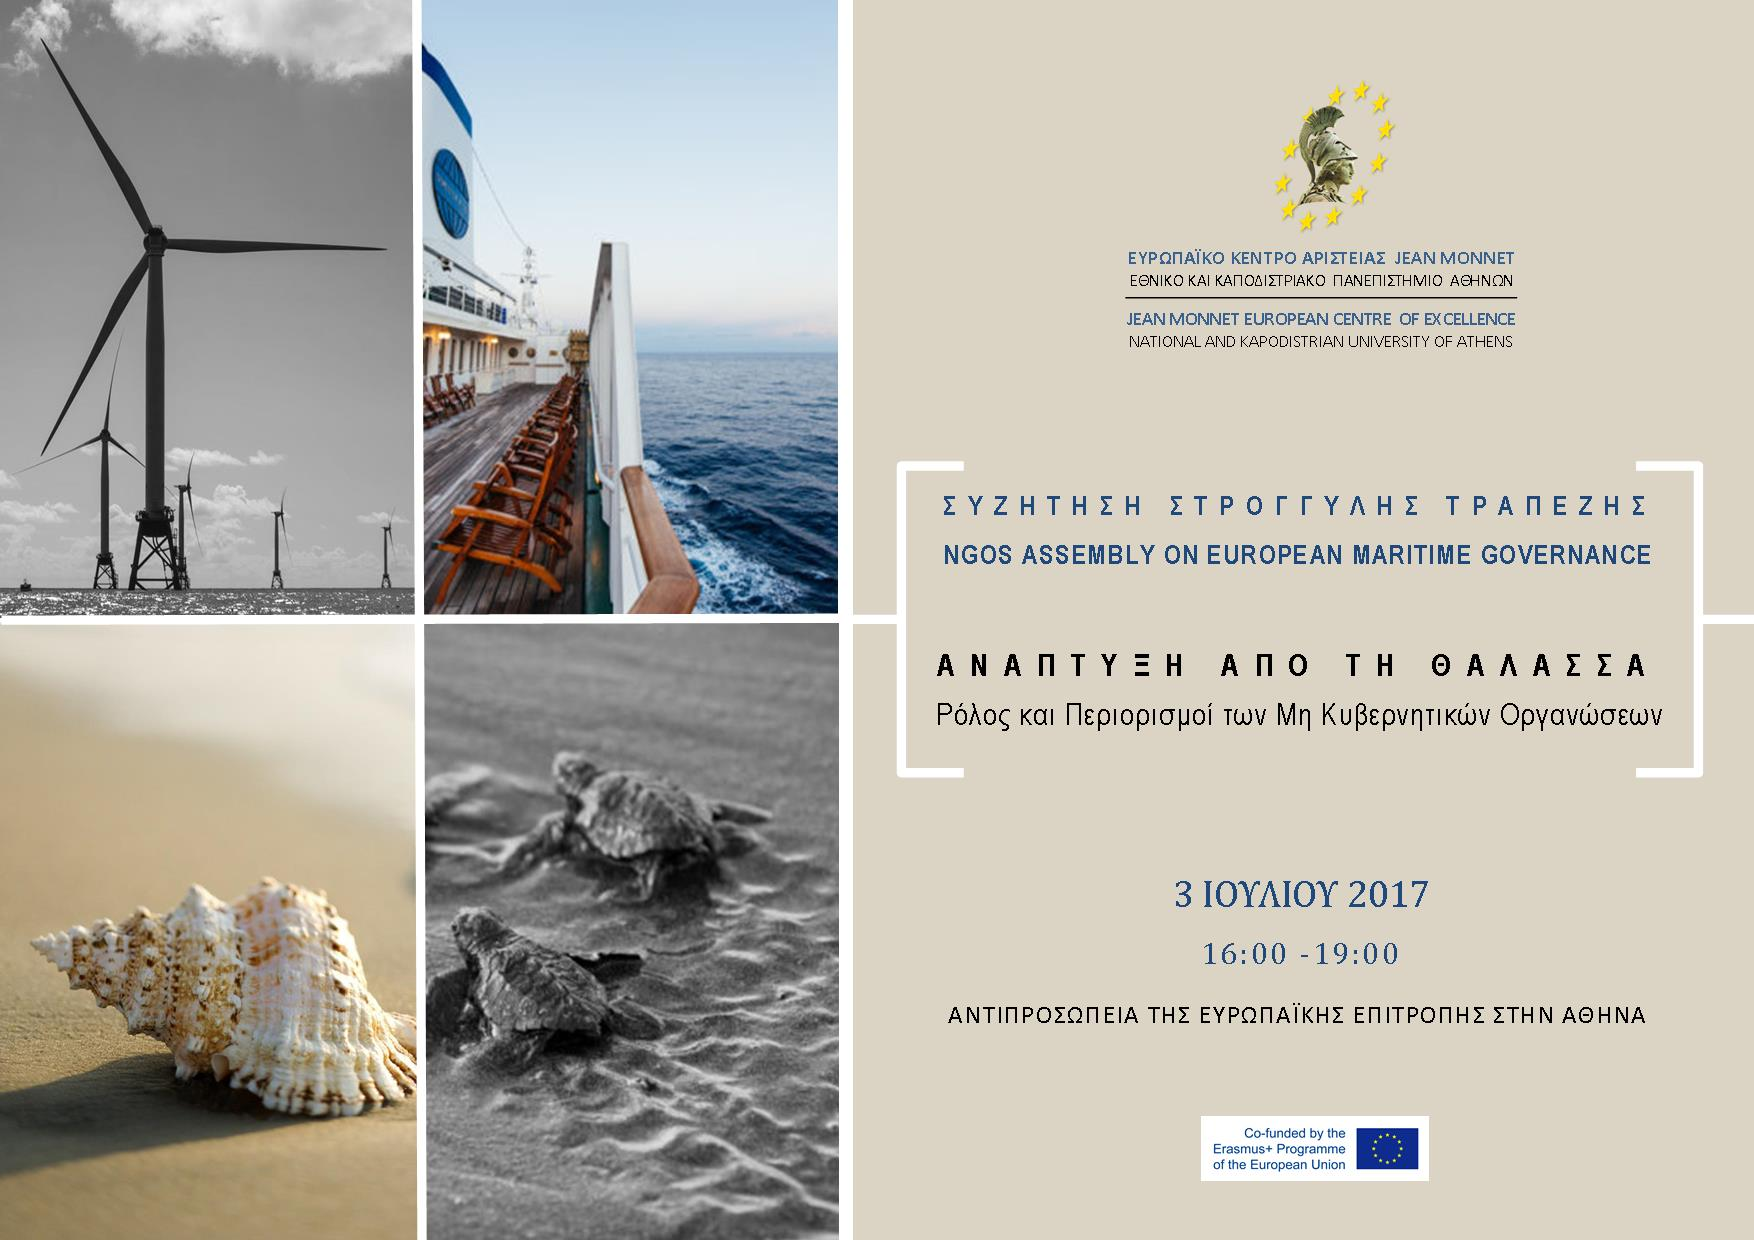 Ανάπτυξη από τη Θάλασσα: Ρόλος και Περιορισμοί των Μη Κυβερνητικών Οργανώσεων